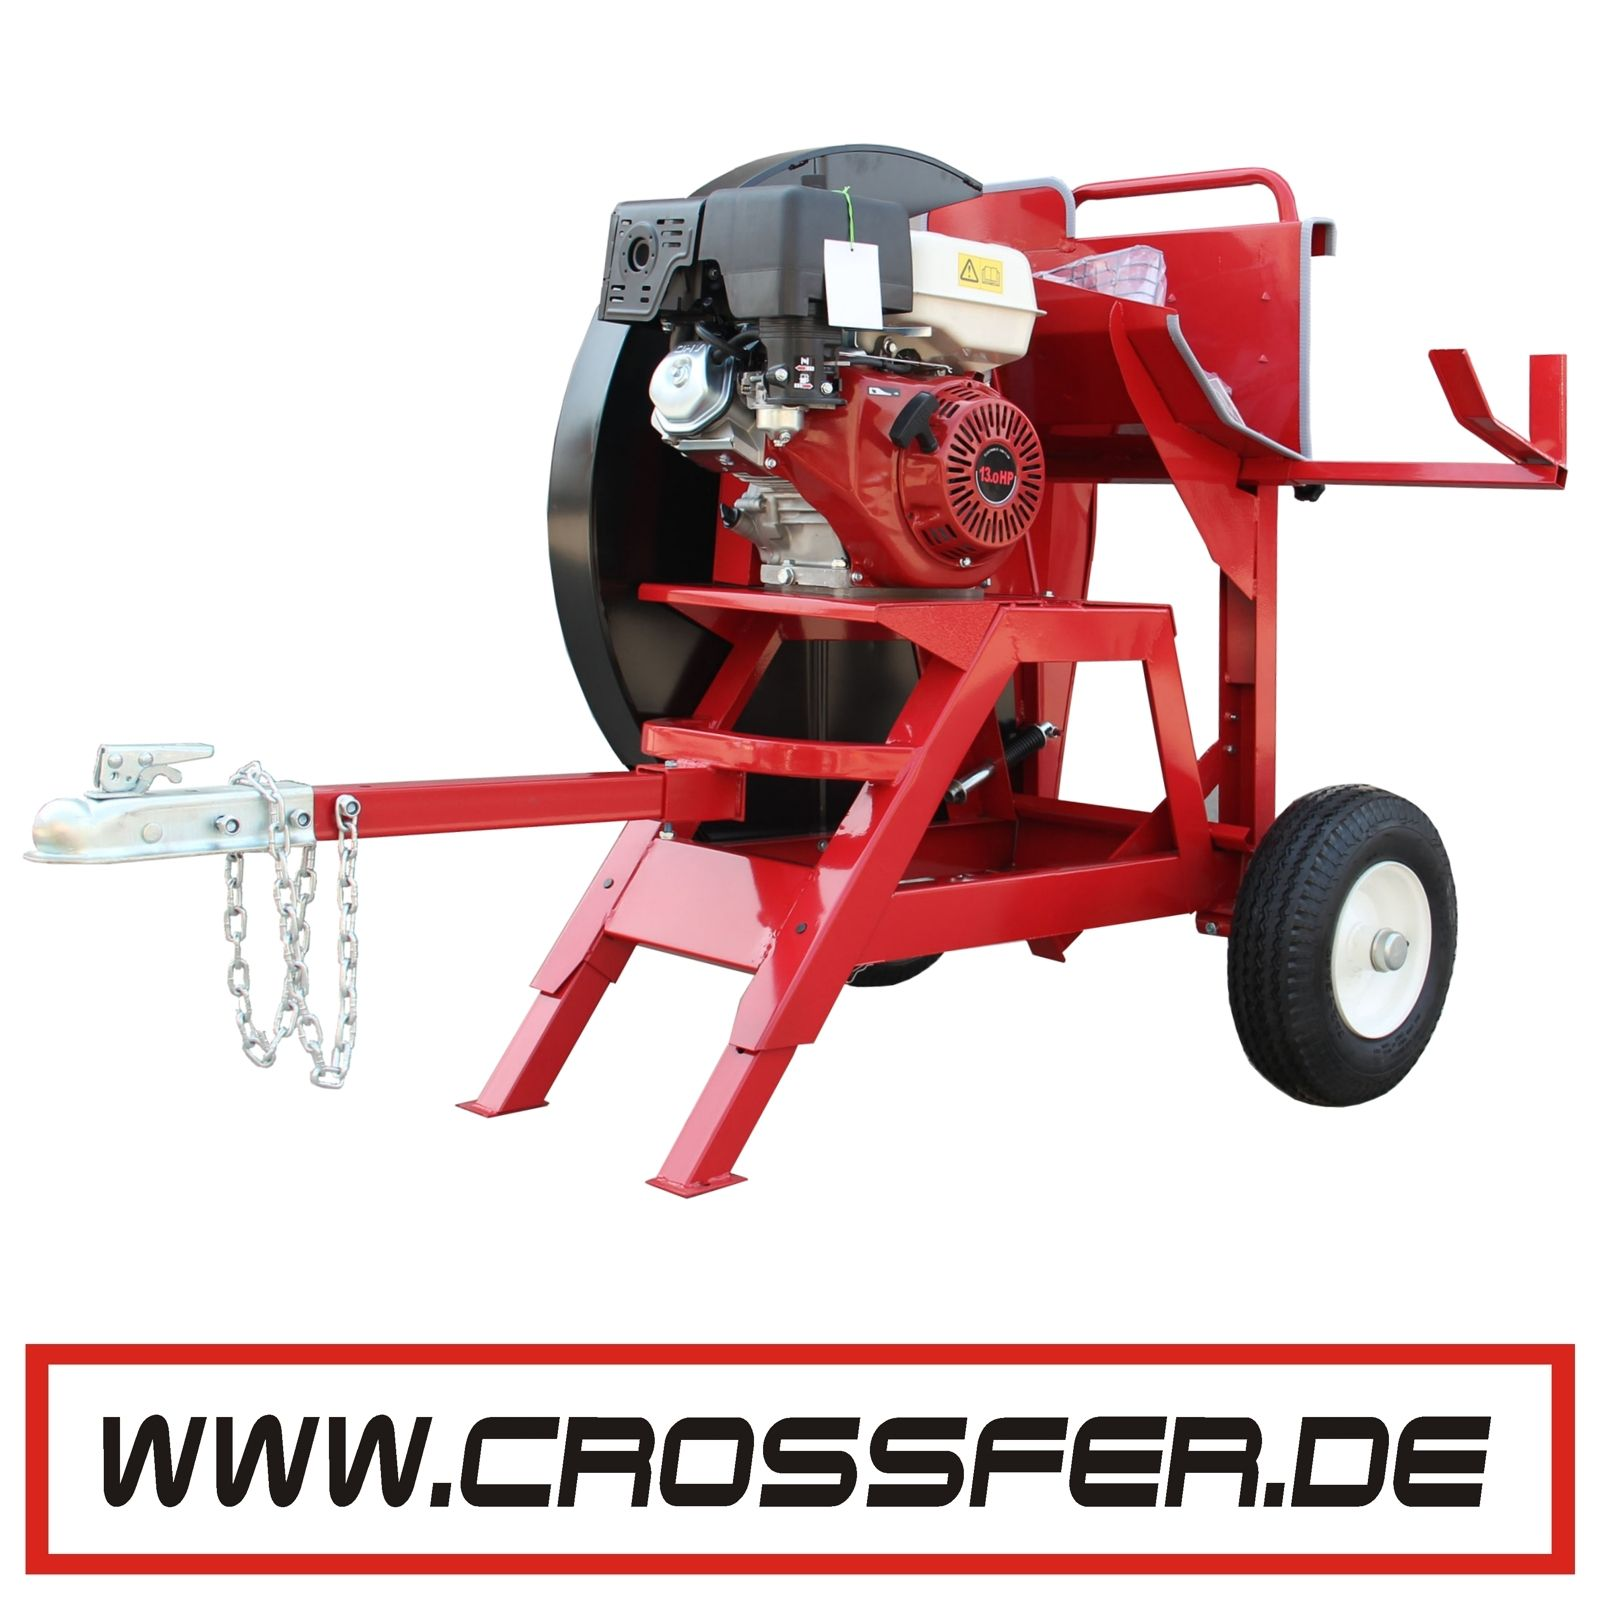 Brennholzsu00e4ge Wippkreissu00e4ge 700mm Mit 13 PS Benzinmotor Mit Deichsel Als Anhu00e4nger. Inklusive ...